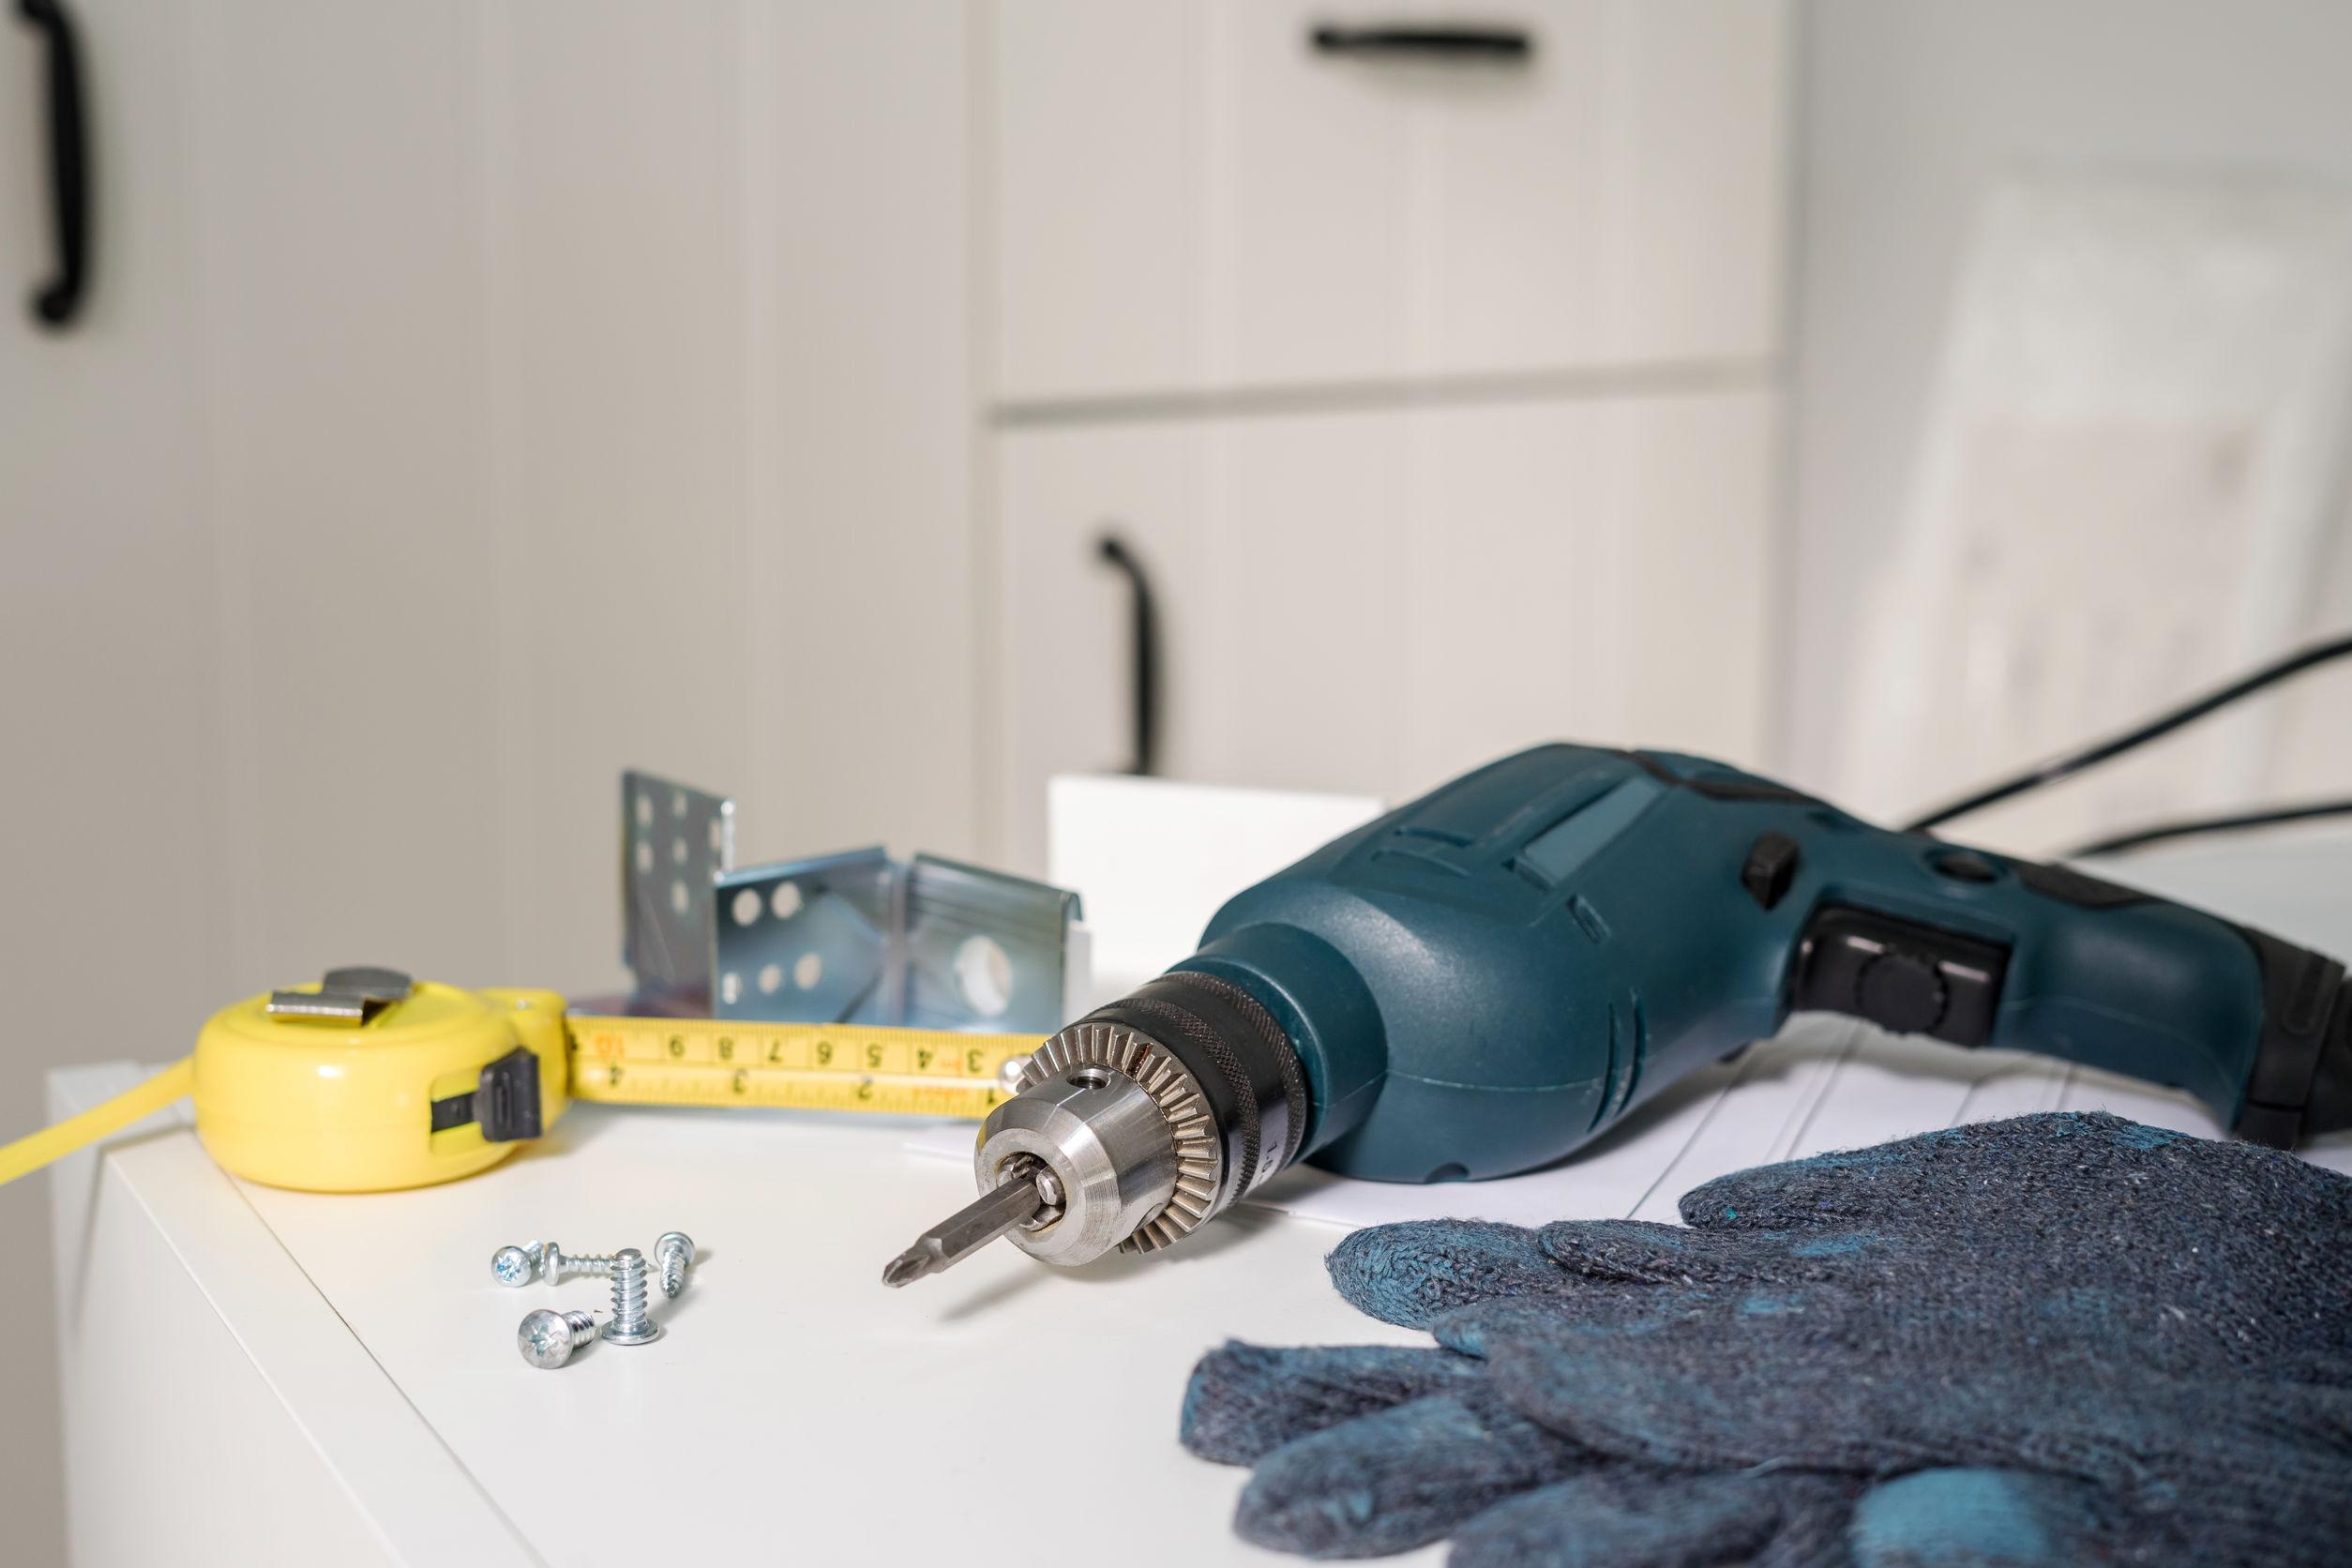 Herramientas eléctricas y equipos de bricolaje